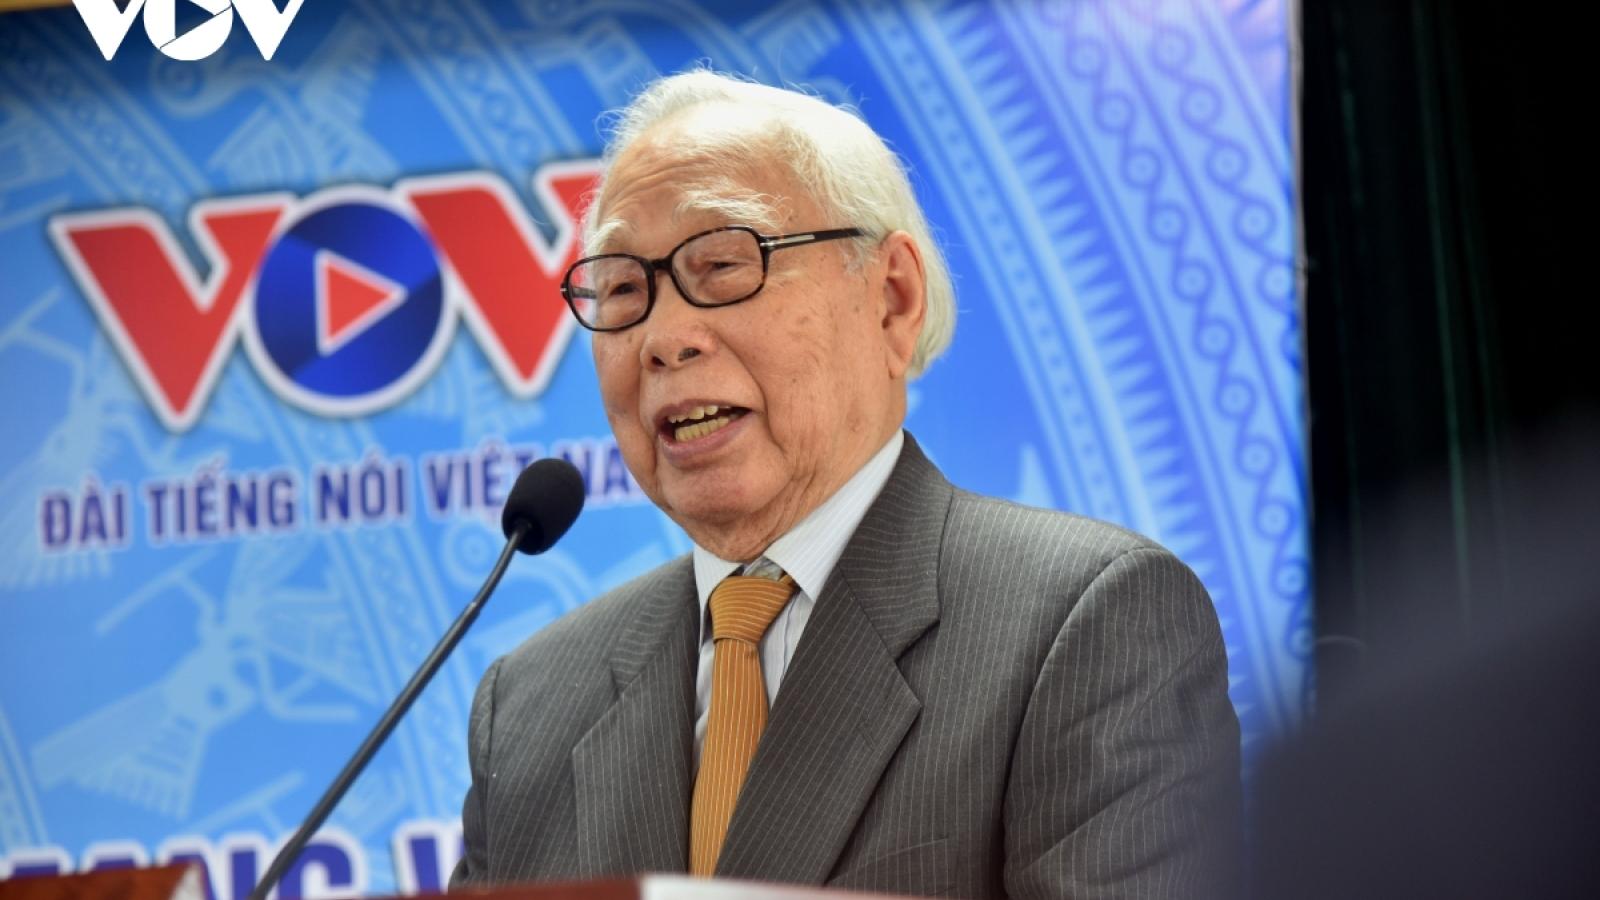 Nhà báo Phan Quang: Hôm nay hơn hôm qua, ngày mai vượt hôm nay